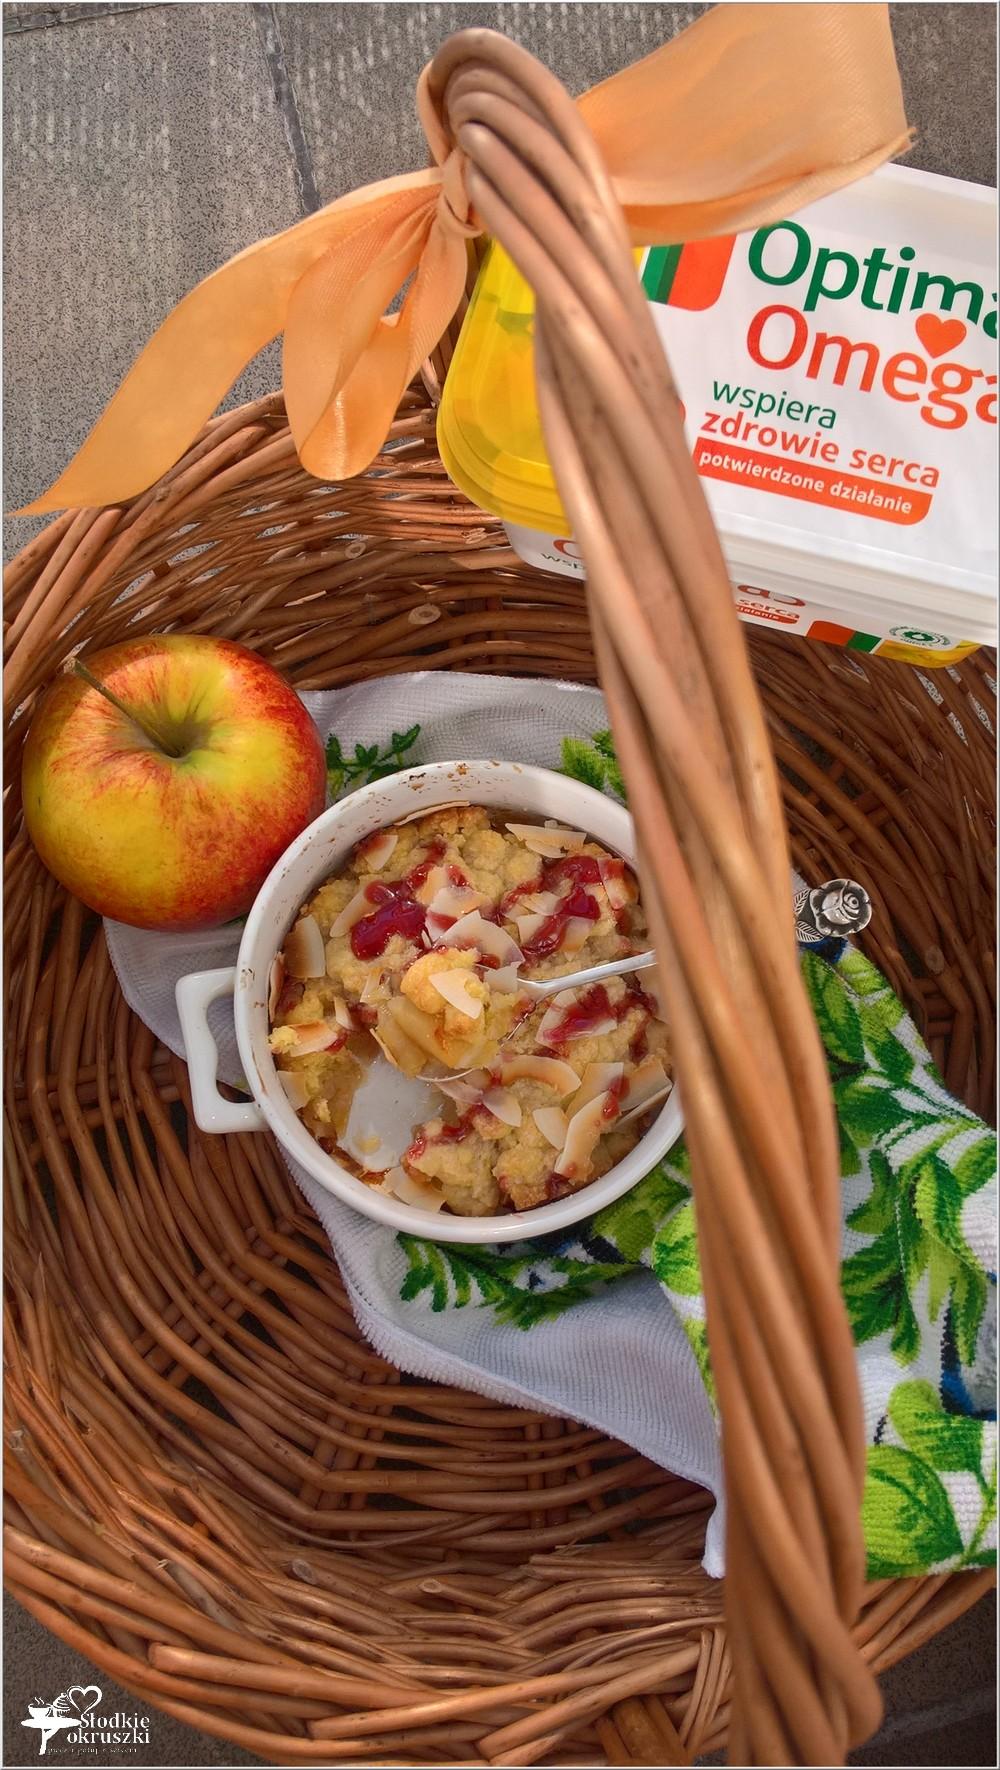 Jabłka pod (o)mega kruszonką (1)